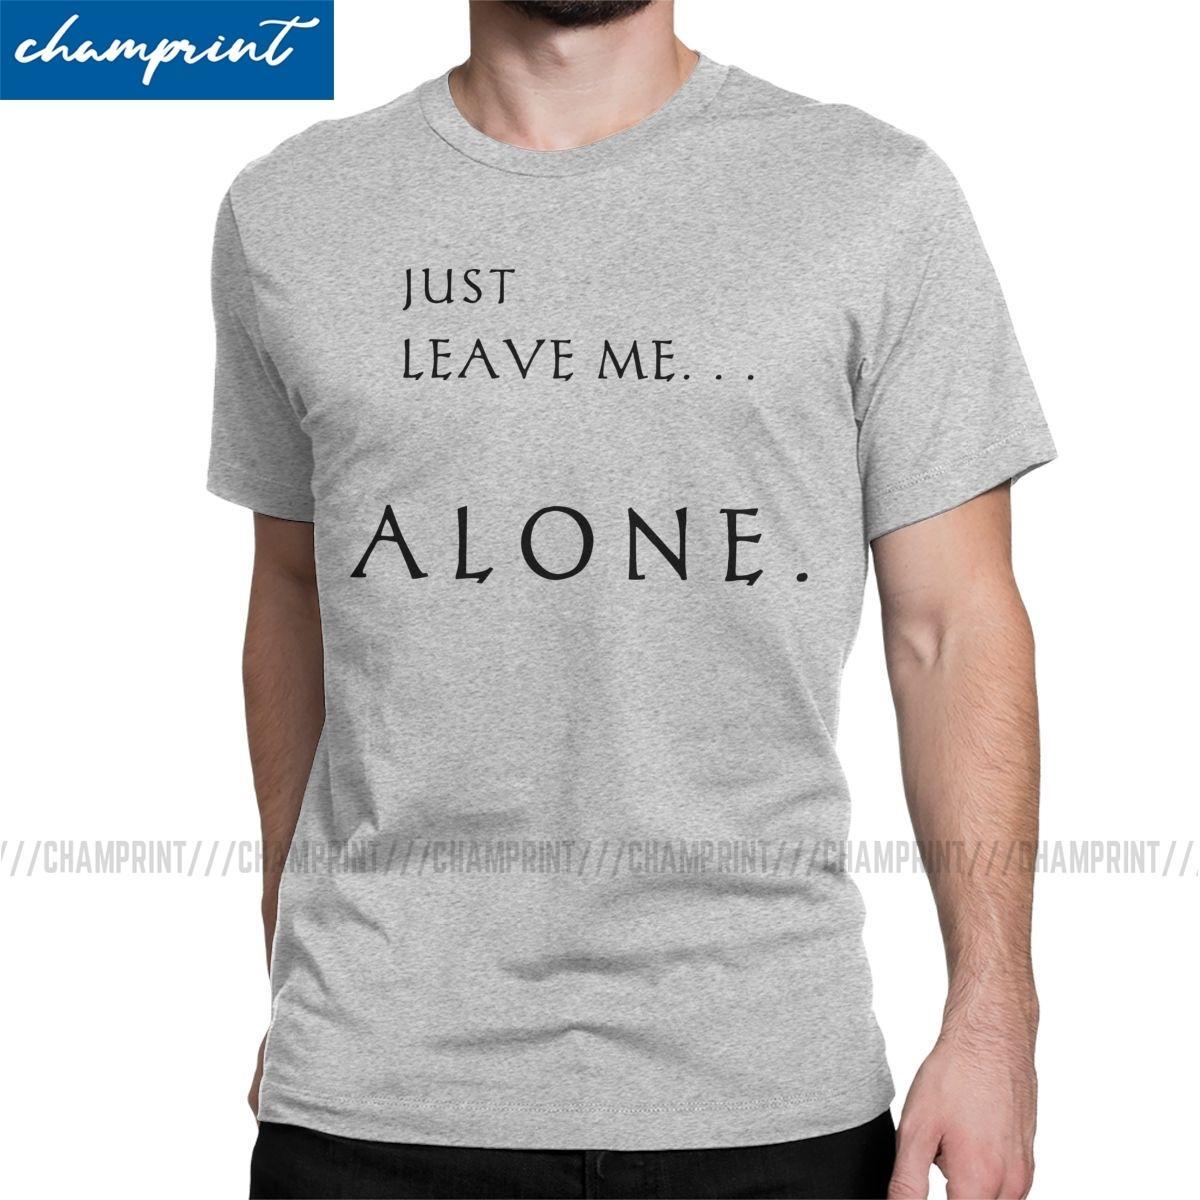 Deixe-me sozinho Introvertido homens camisetas novidade camisetas de manga curta T-shirt do pescoço de grupo Pure roupas de verão de algodão